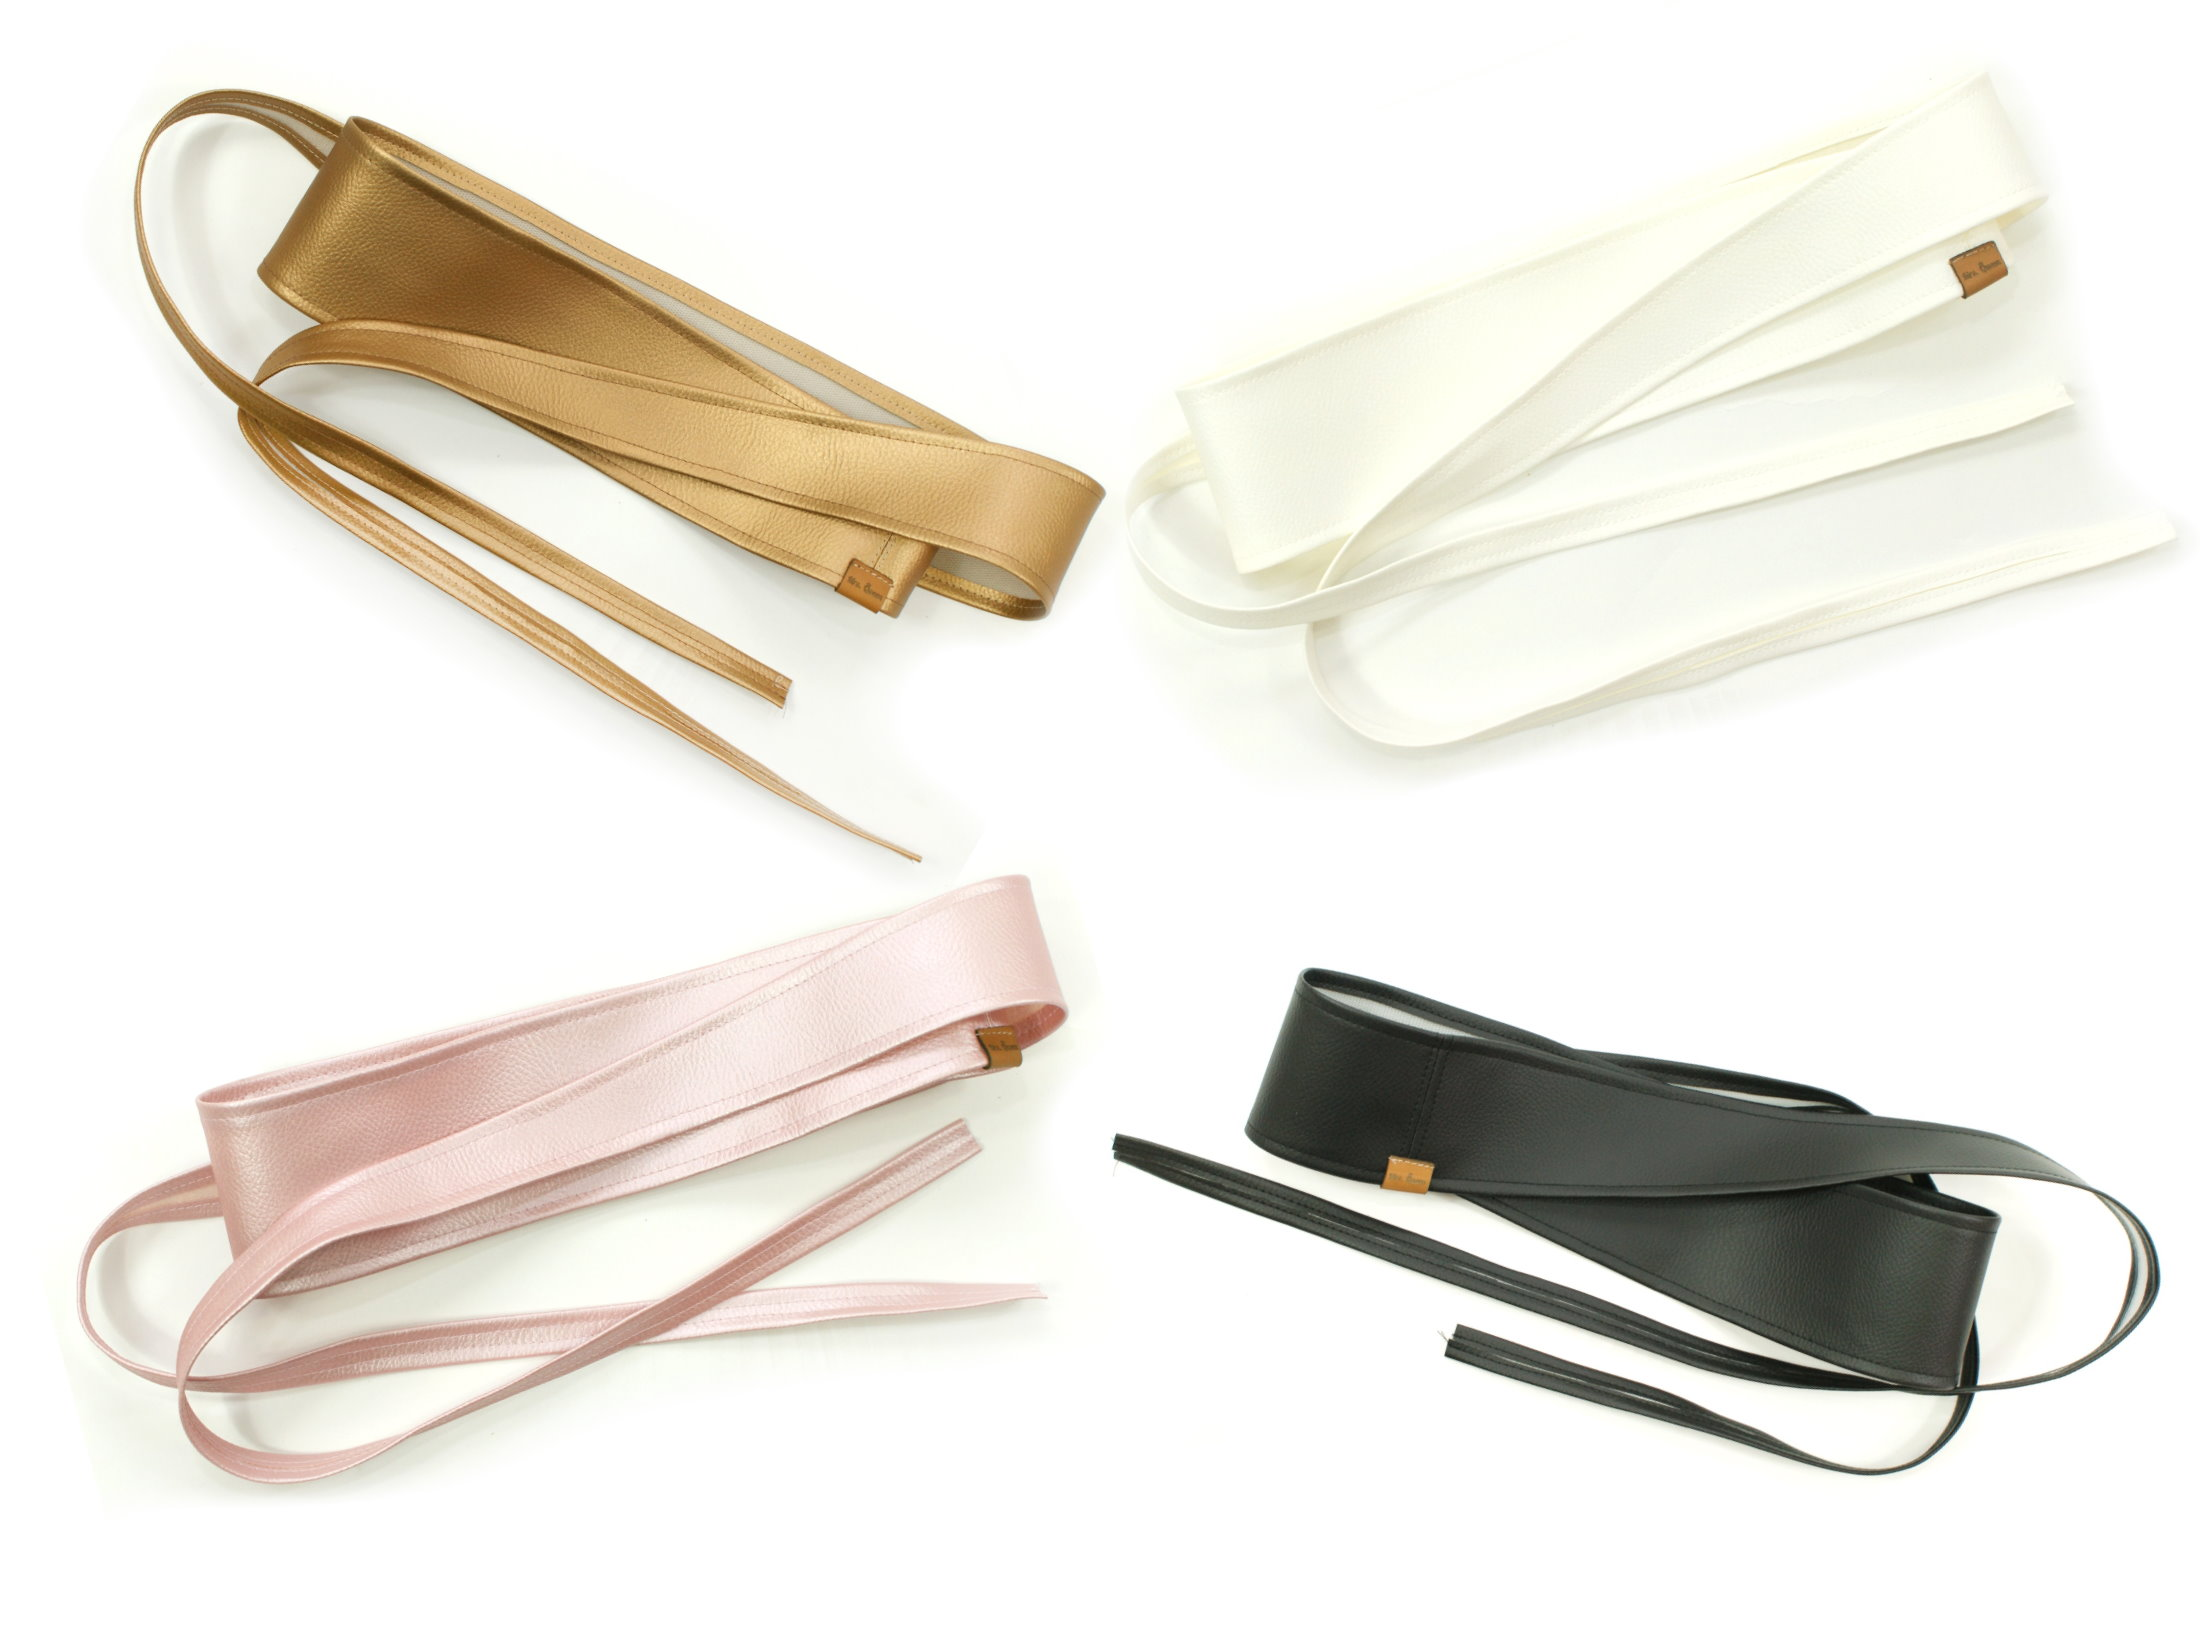 Taillengürtel aus Kunstleder zum Binden in 4 Farben